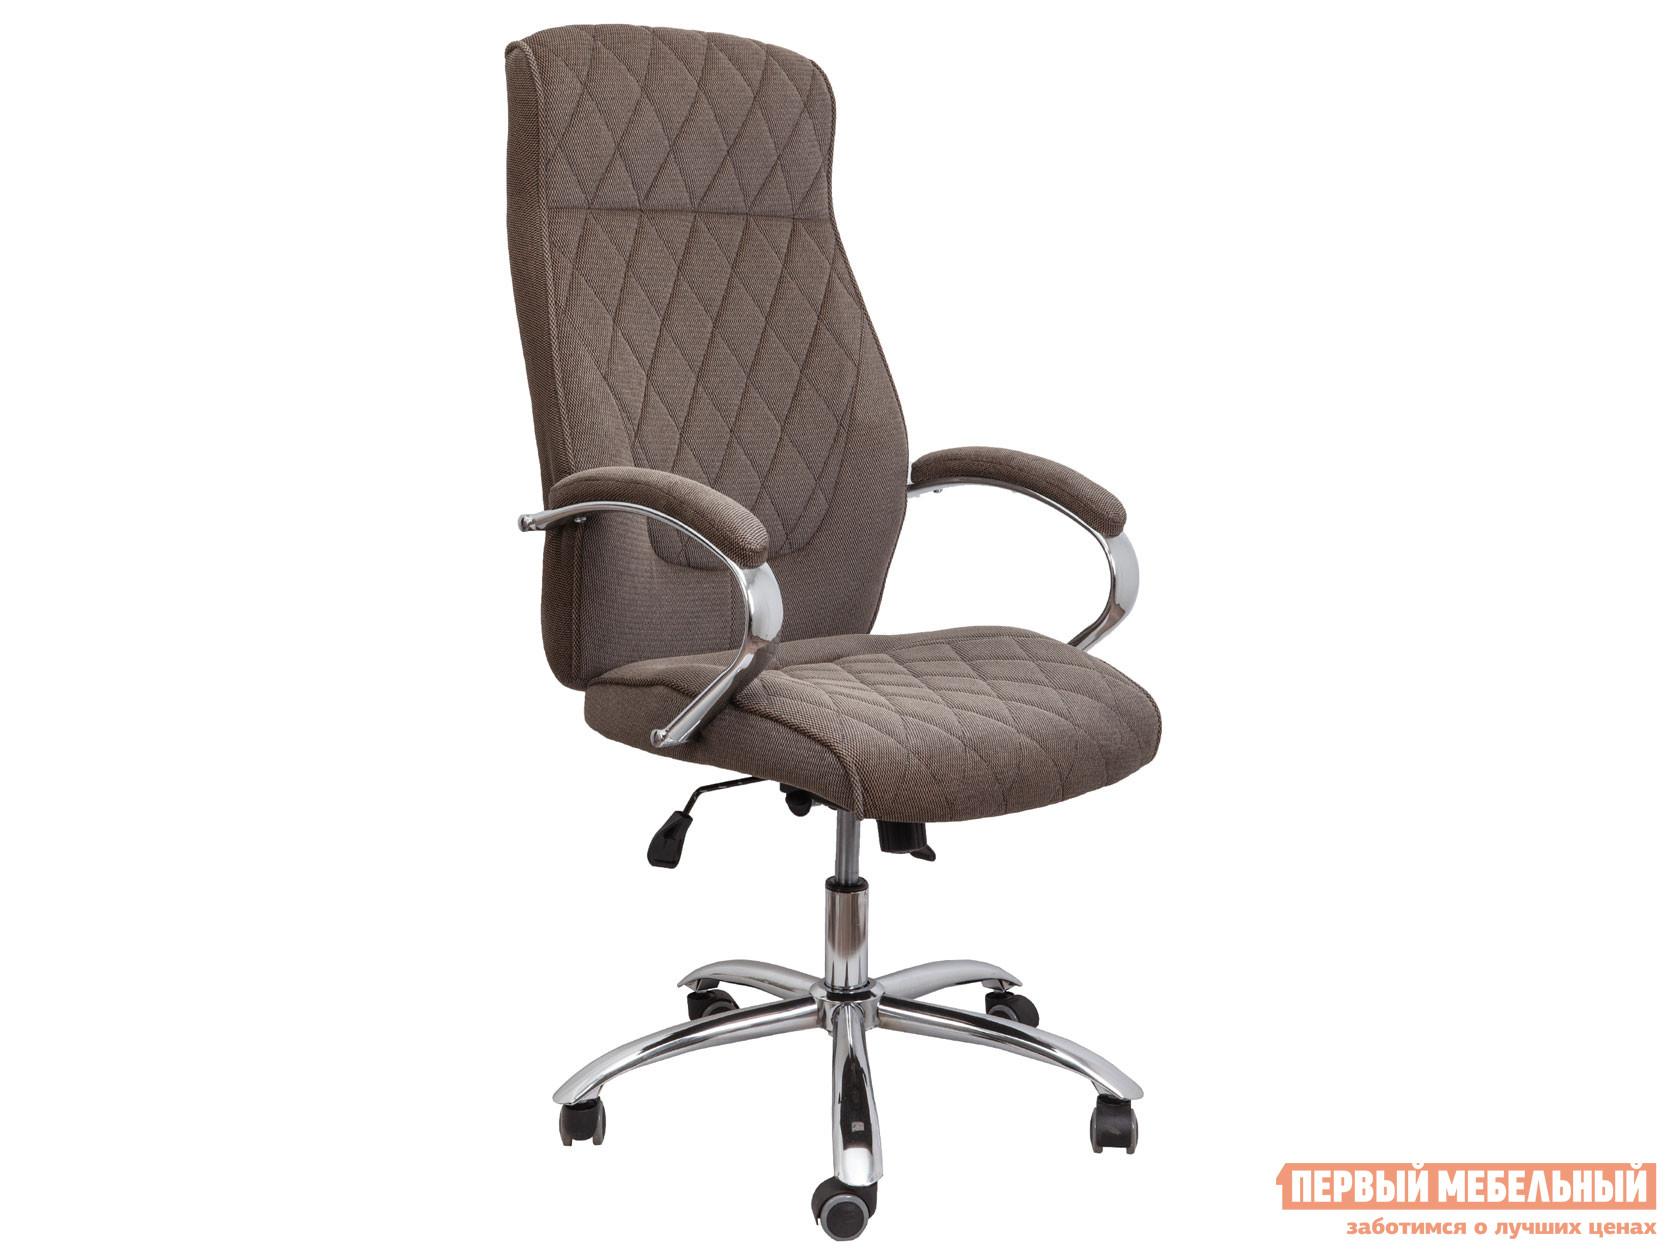 Кресло руководителя Первый Мебельный Кресло руководителя Star